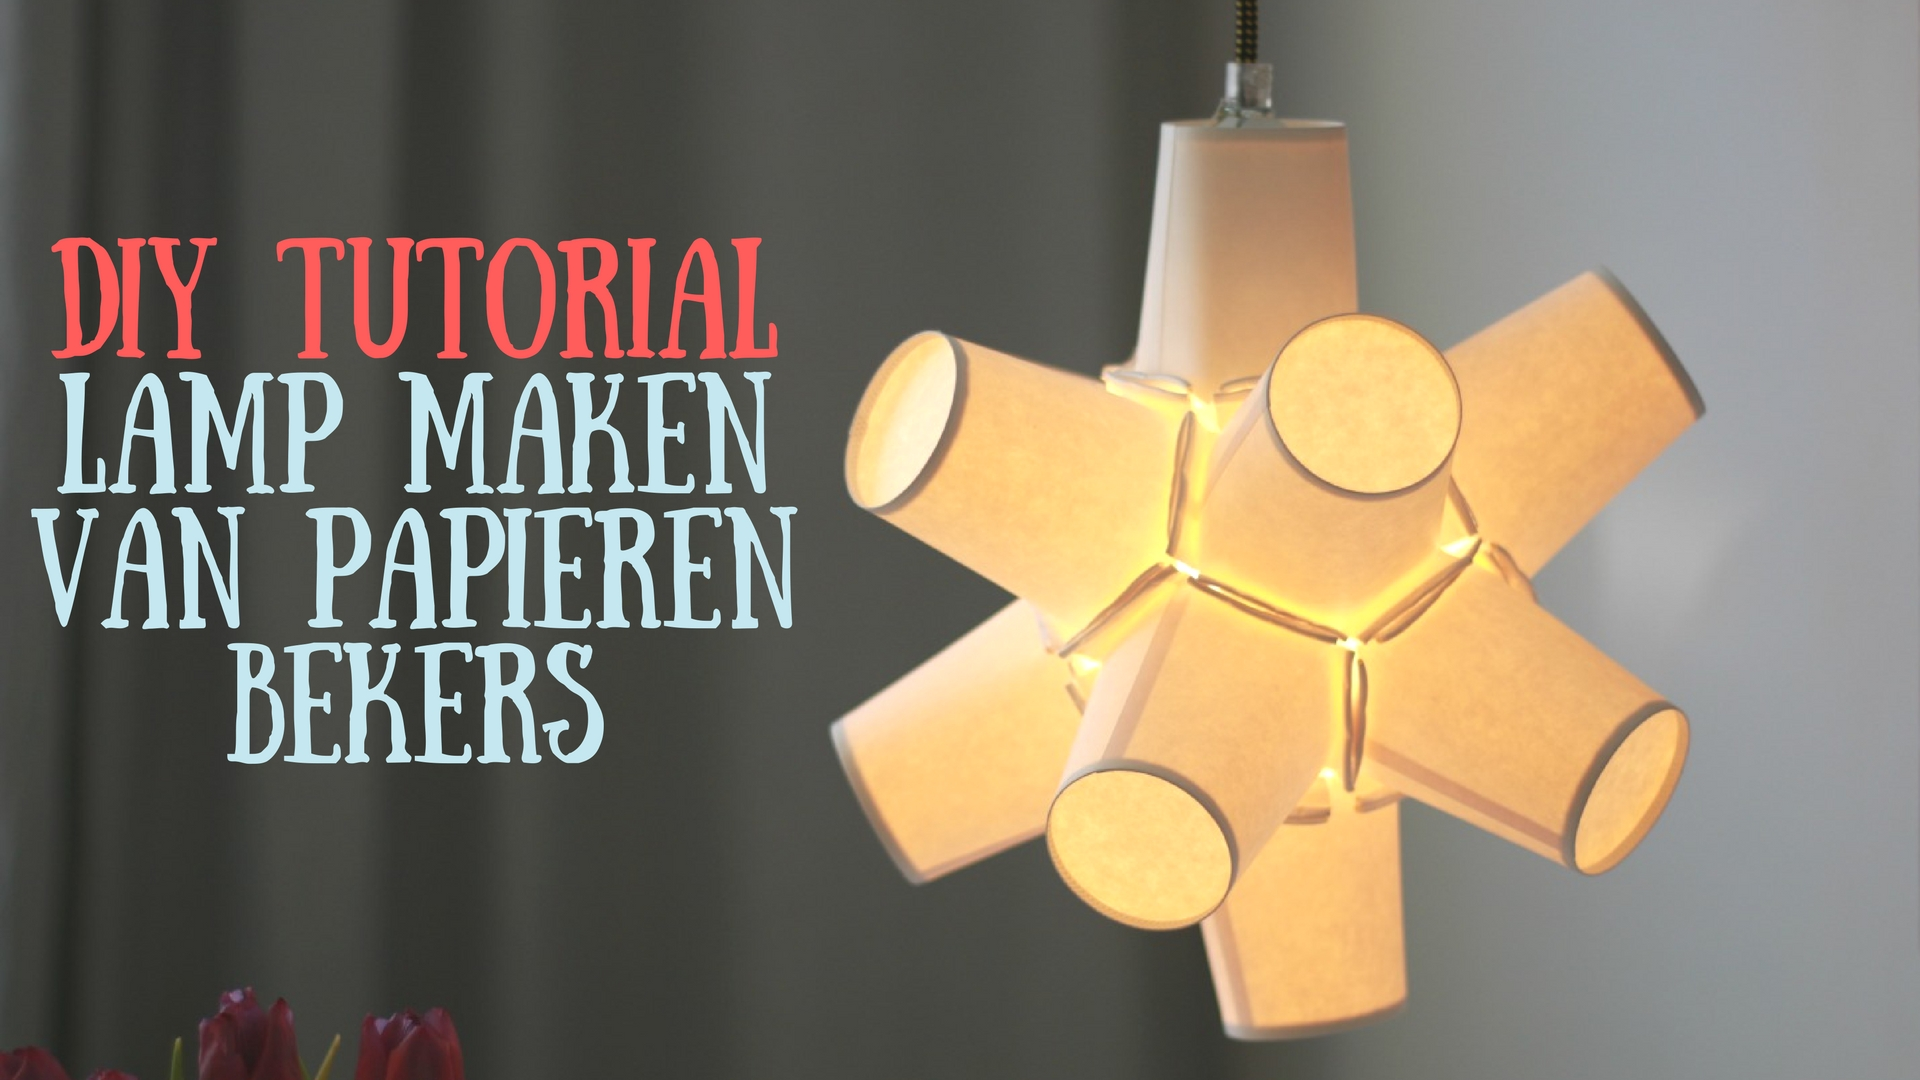 Lamp Maken Van Papieren Bekers Instructievideo Leukegeit